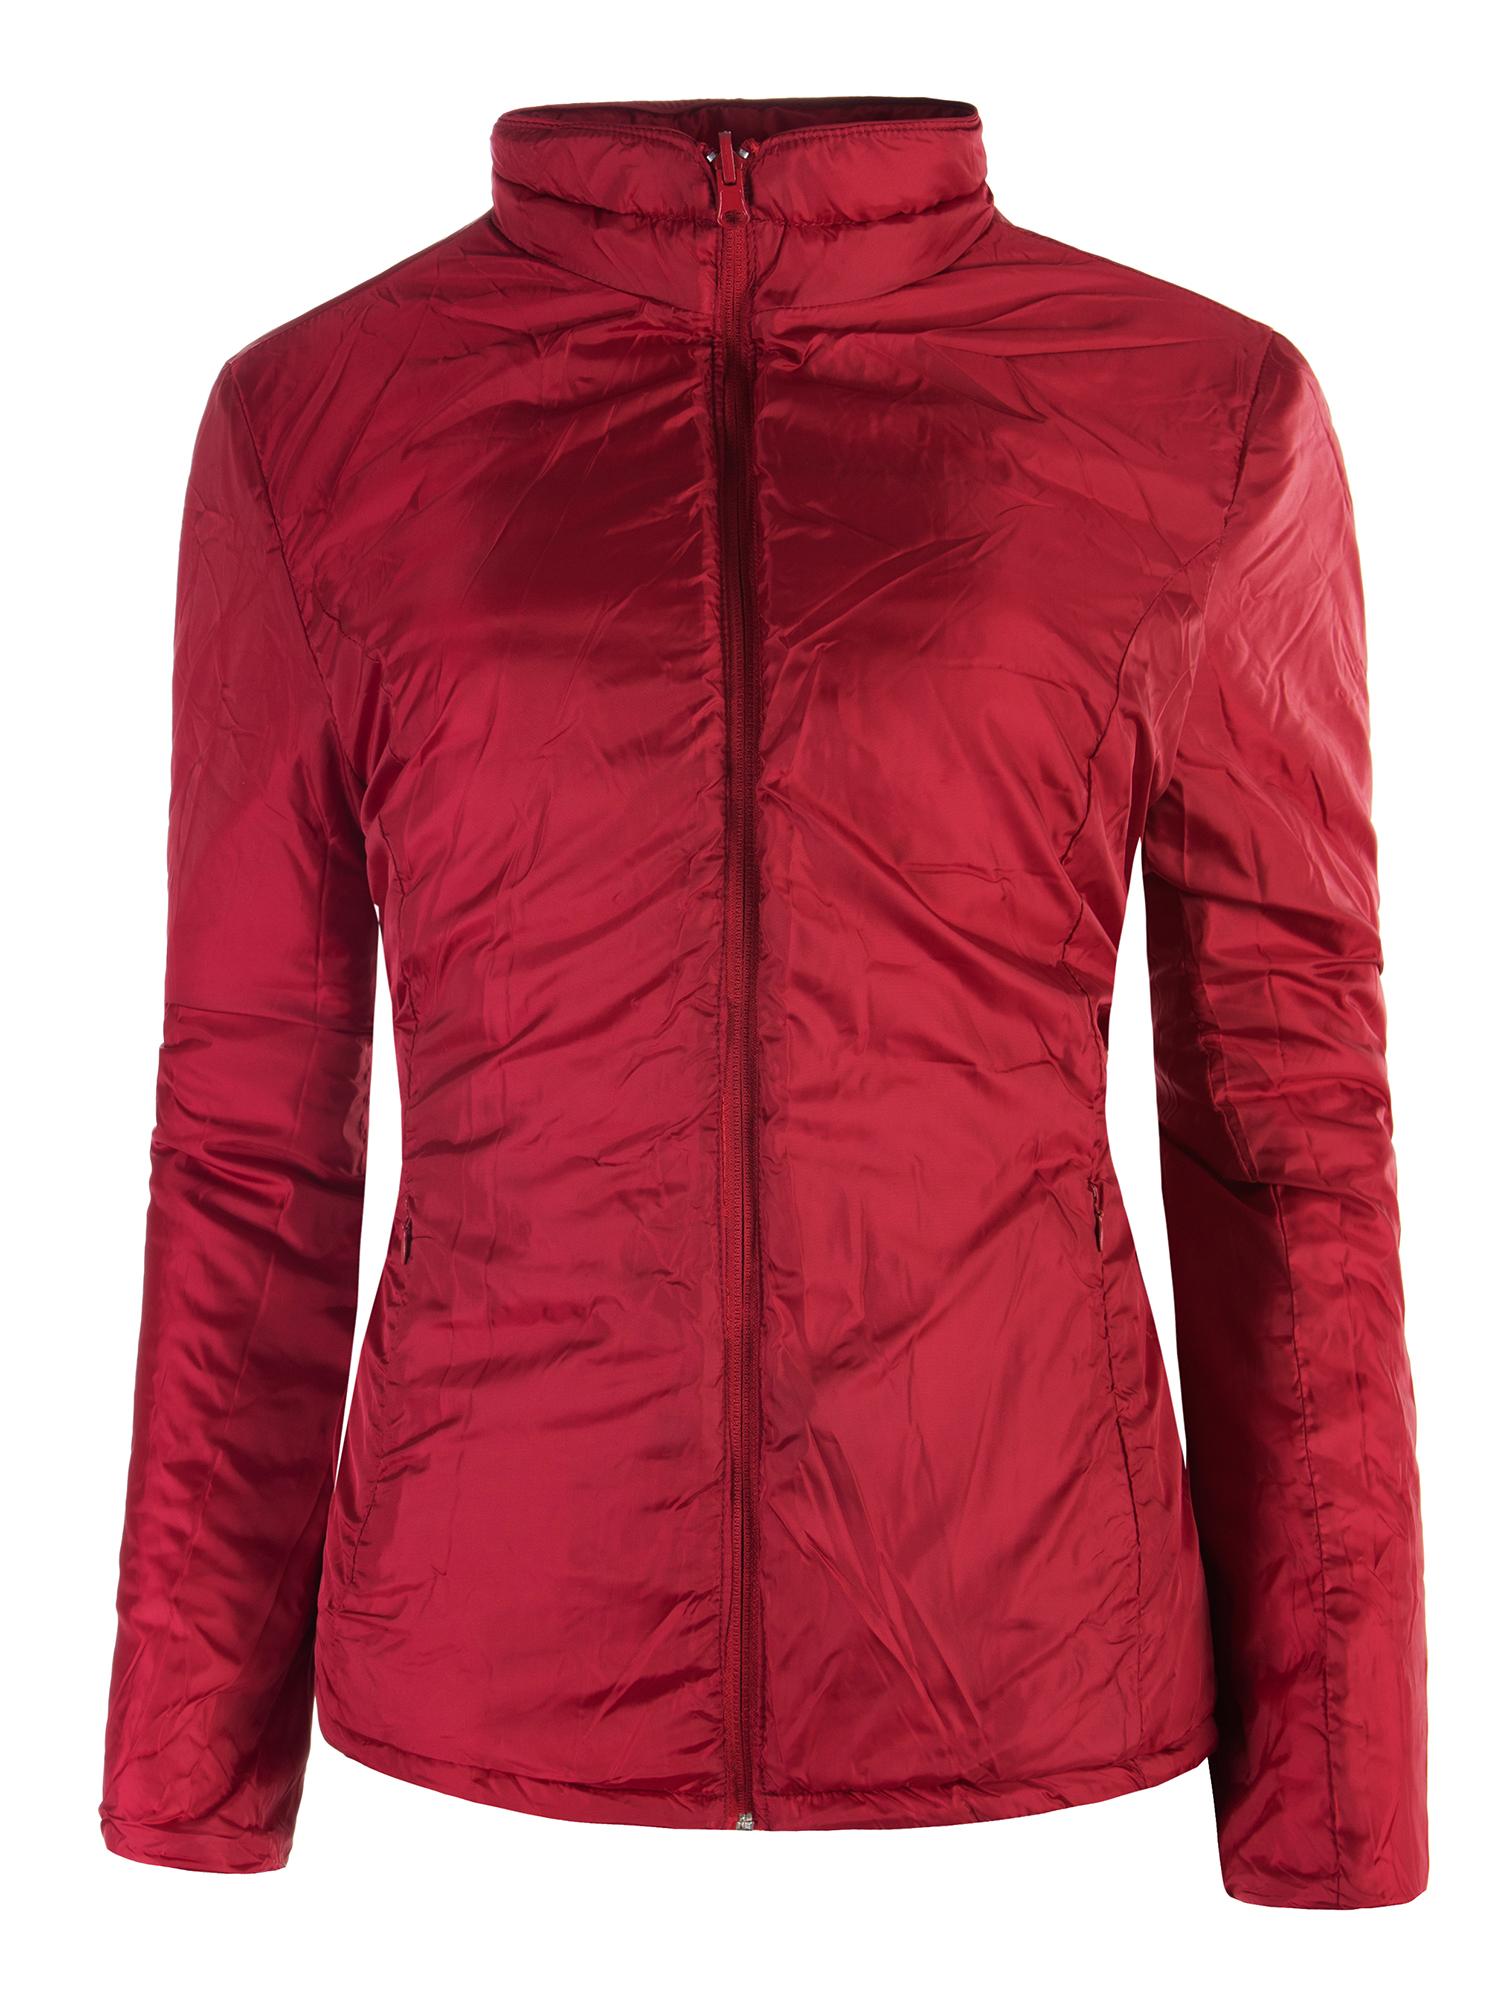 Details zu Damen Winter Mantel Jacke Steppjacke Parka Jacket Daunen Look Winterjacke P075